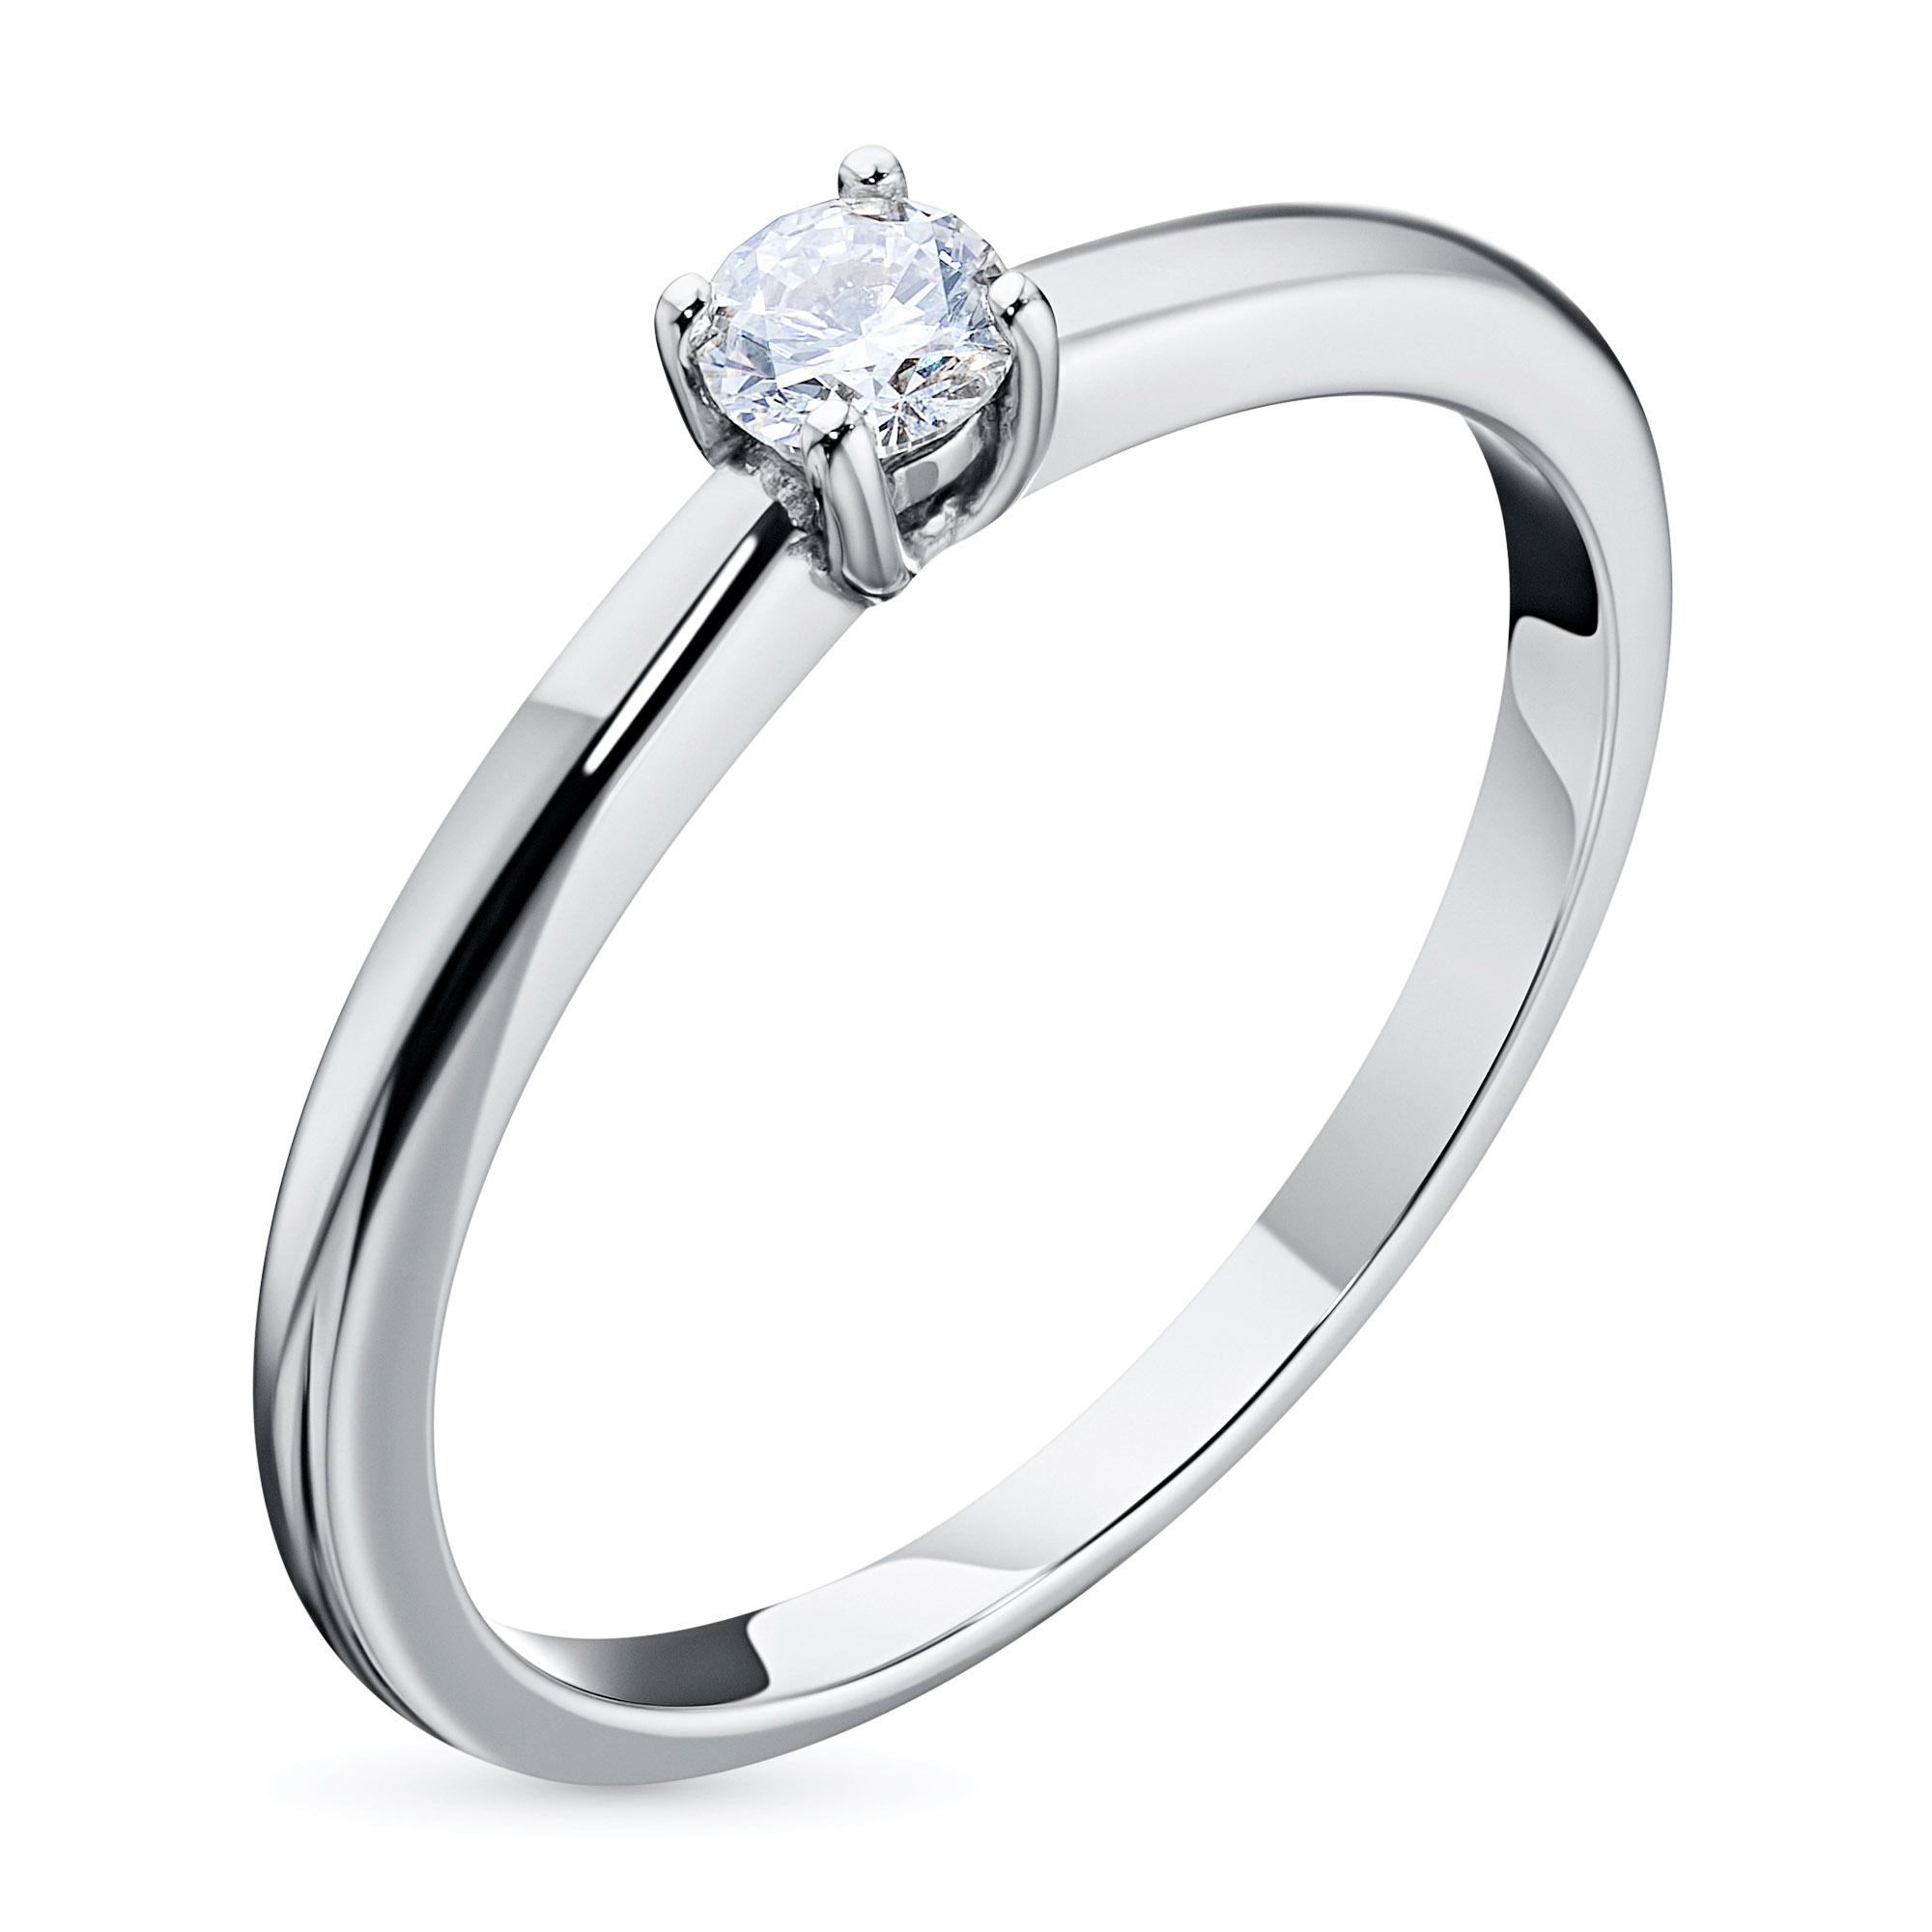 Кольцо из белого золота с бриллиантом э0901кц01162900 э0901кц01162900